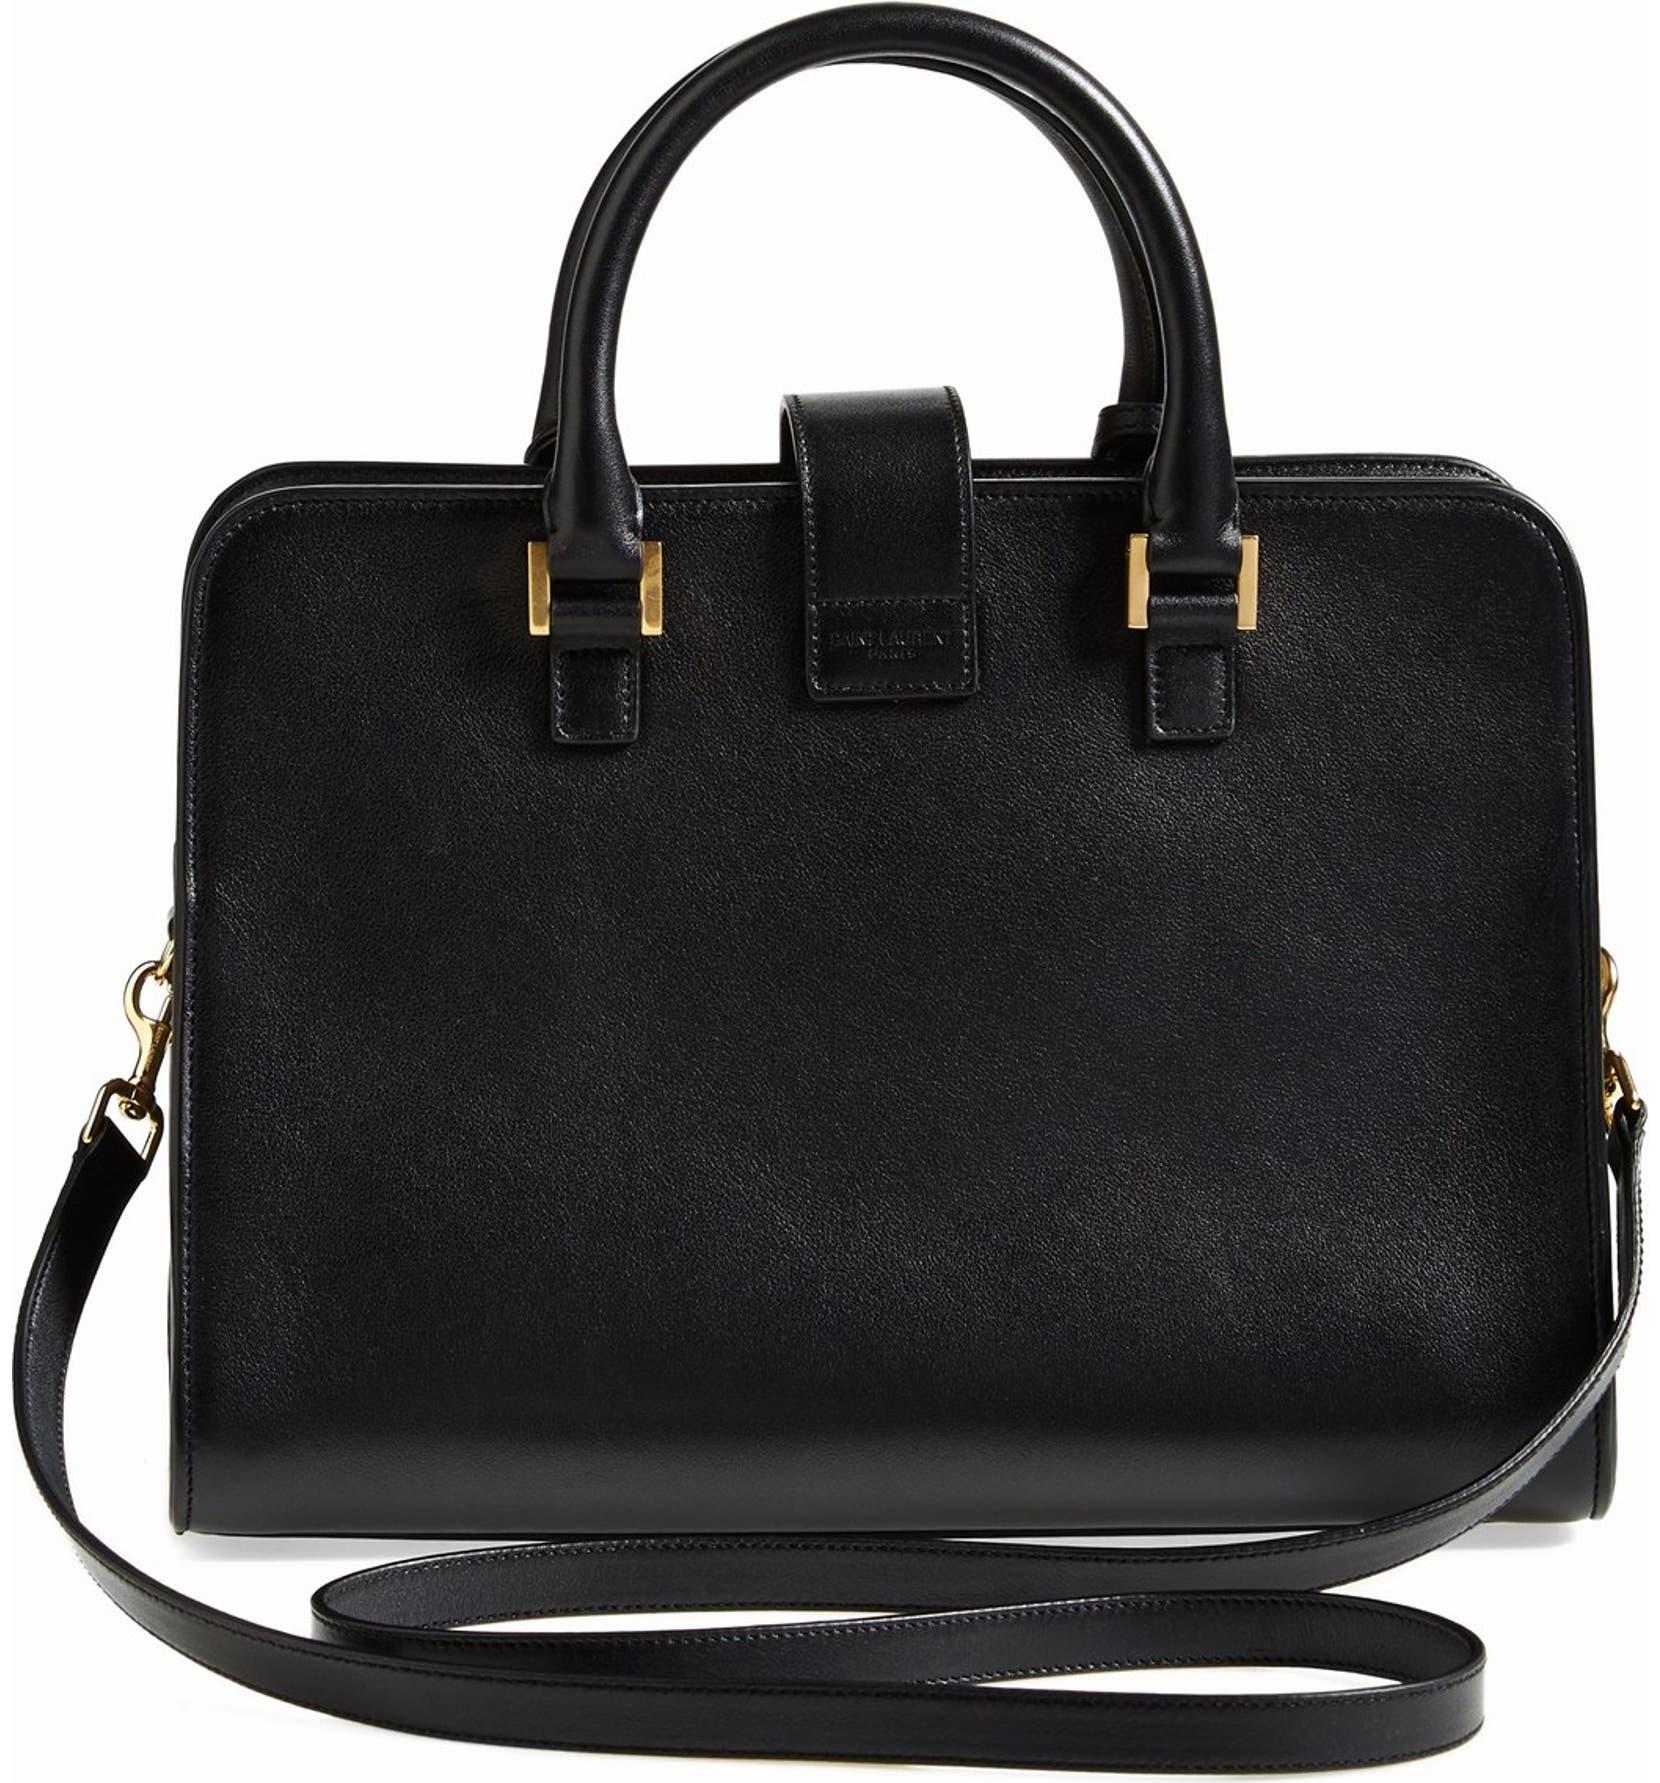 752c0d8149a2 Saint Laurent  Small Cabas  Leather Satchel